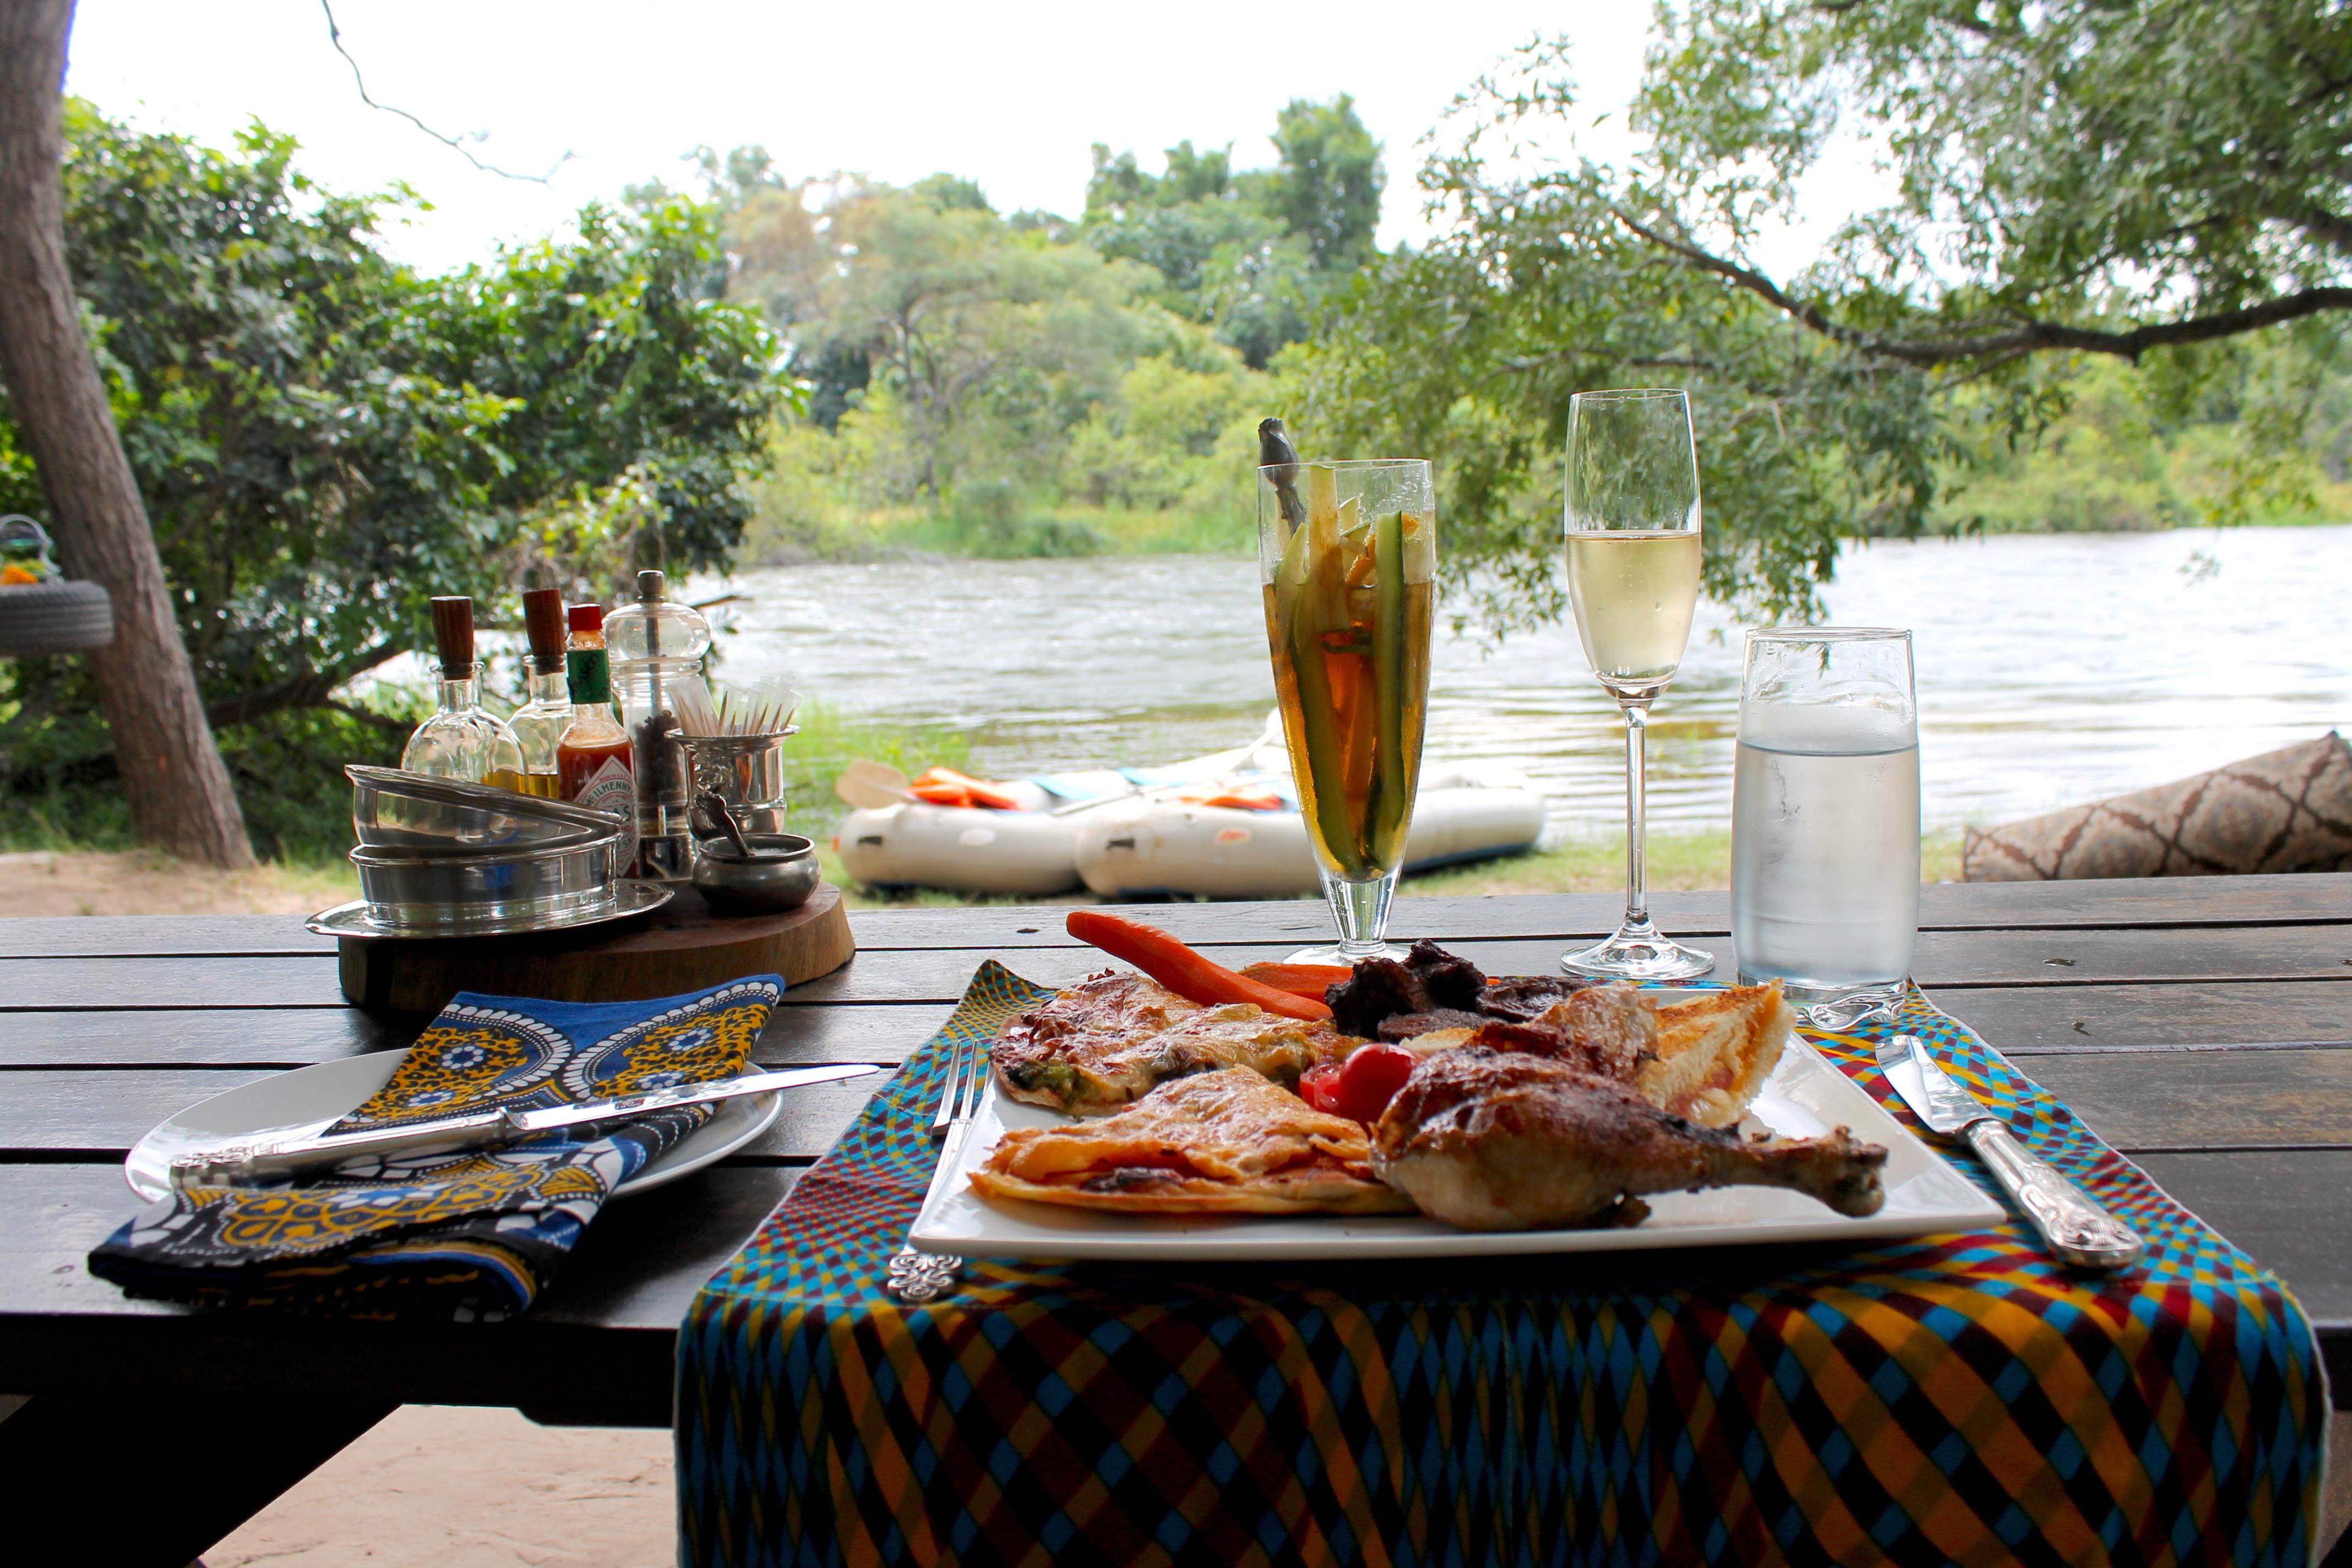 luxury-picnic-royalchundu-lustforthesublime